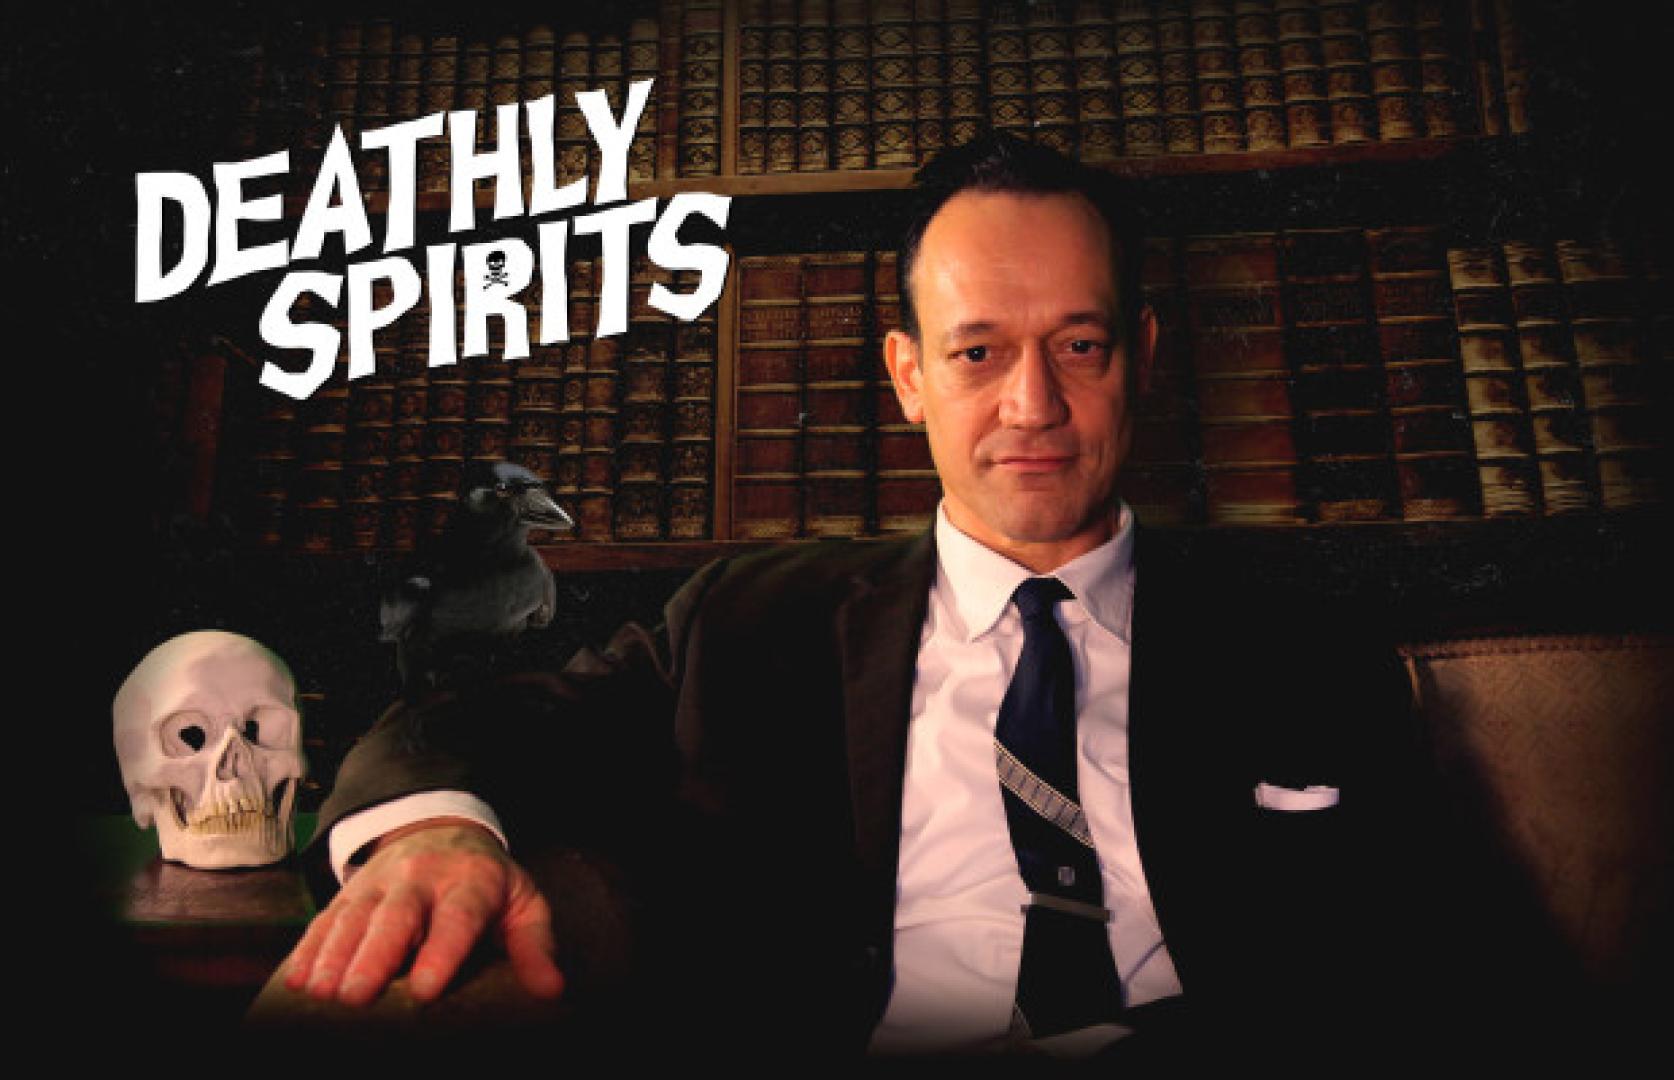 Ted Raimi dolgozik a Deathly Spirits websorozaton